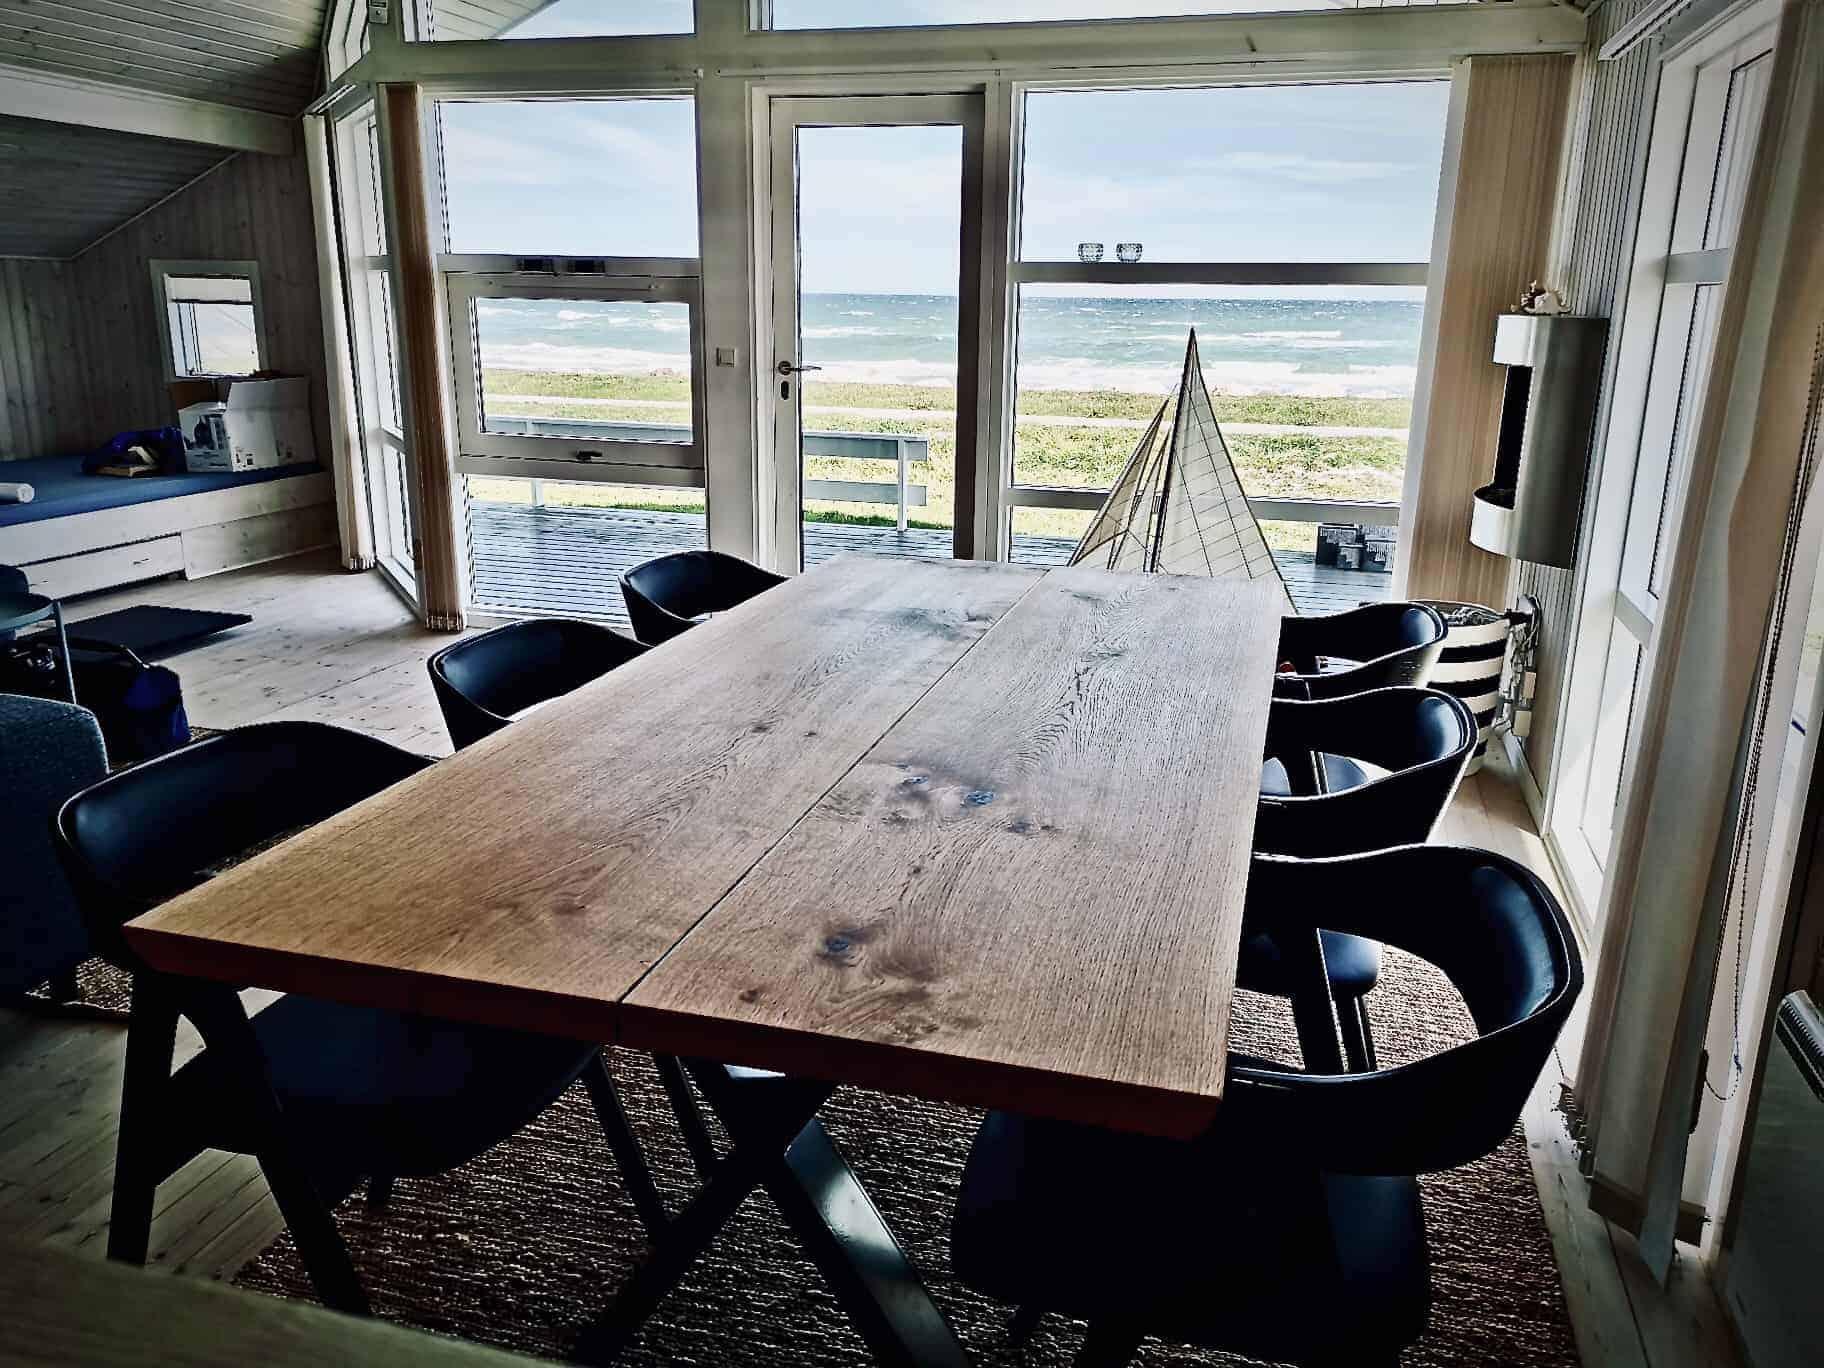 Snedkerbord Mette spisebordsstol Kaerbygård plankeborde mm faerdige 34